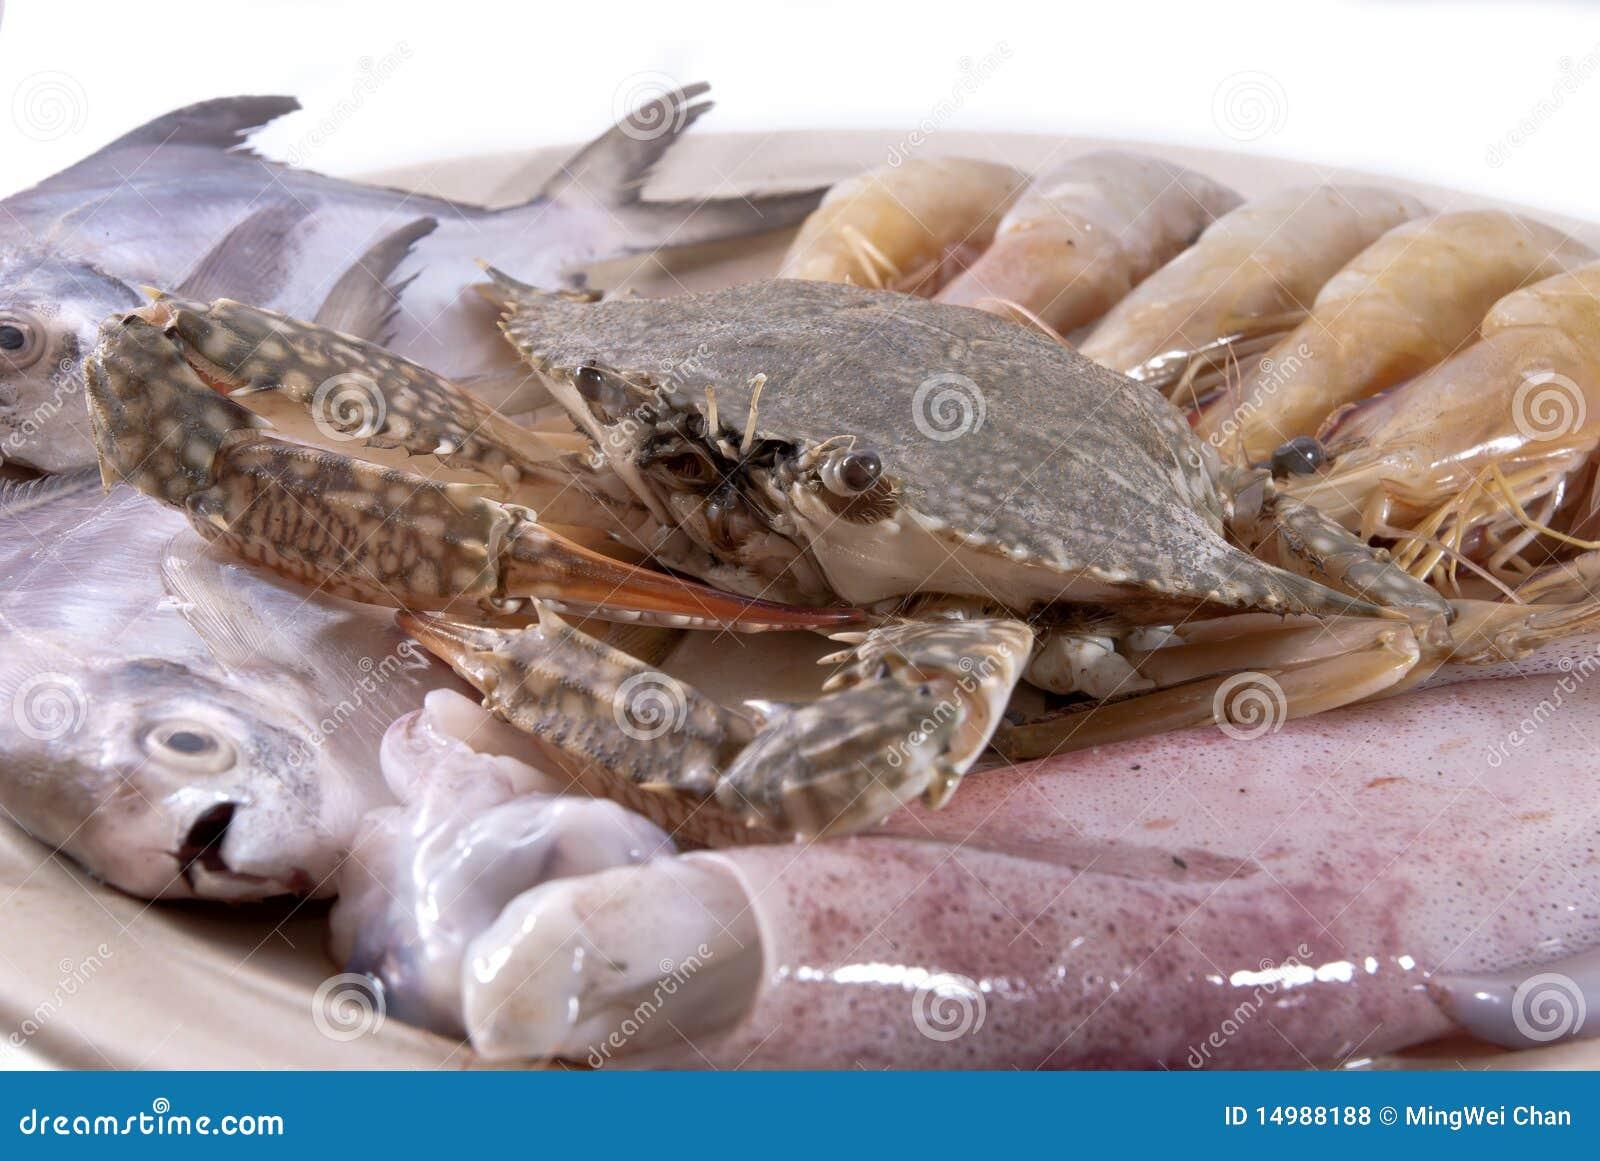 盛肉盘海鲜